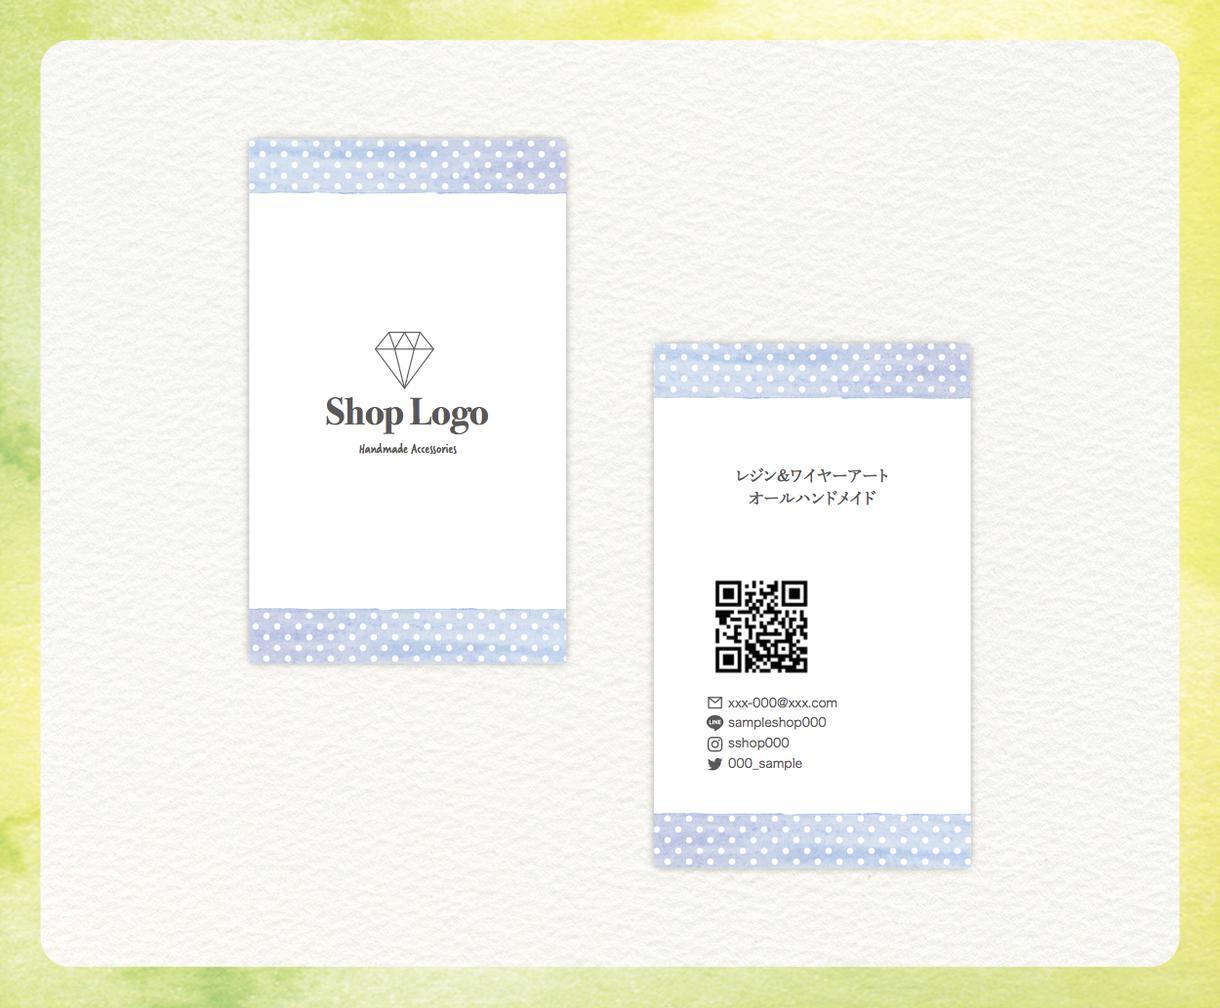 可愛いショップカード・名刺作成いたします 大人可愛い・オシャレ・カラフルがコンセプト